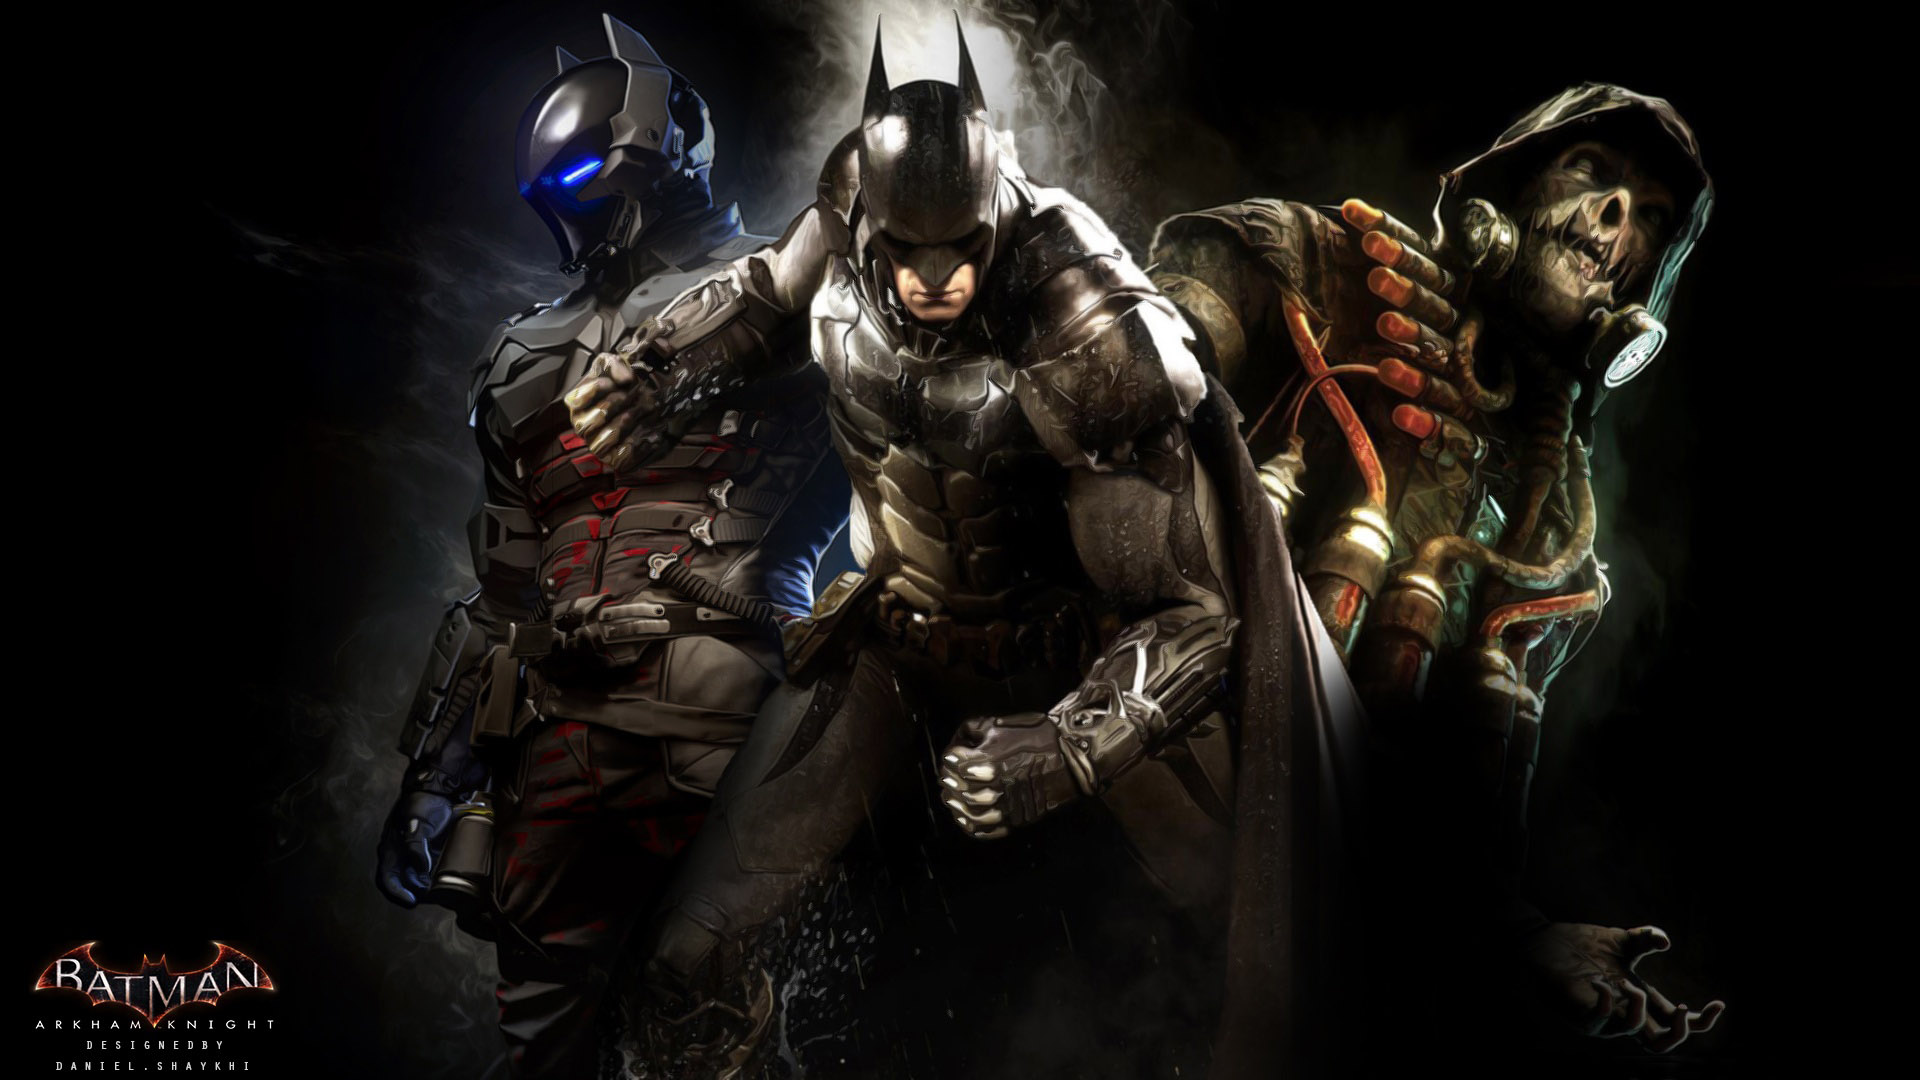 Batman Arkham Knight aneb pojďme změnit to, co do teď fungovalo 11107